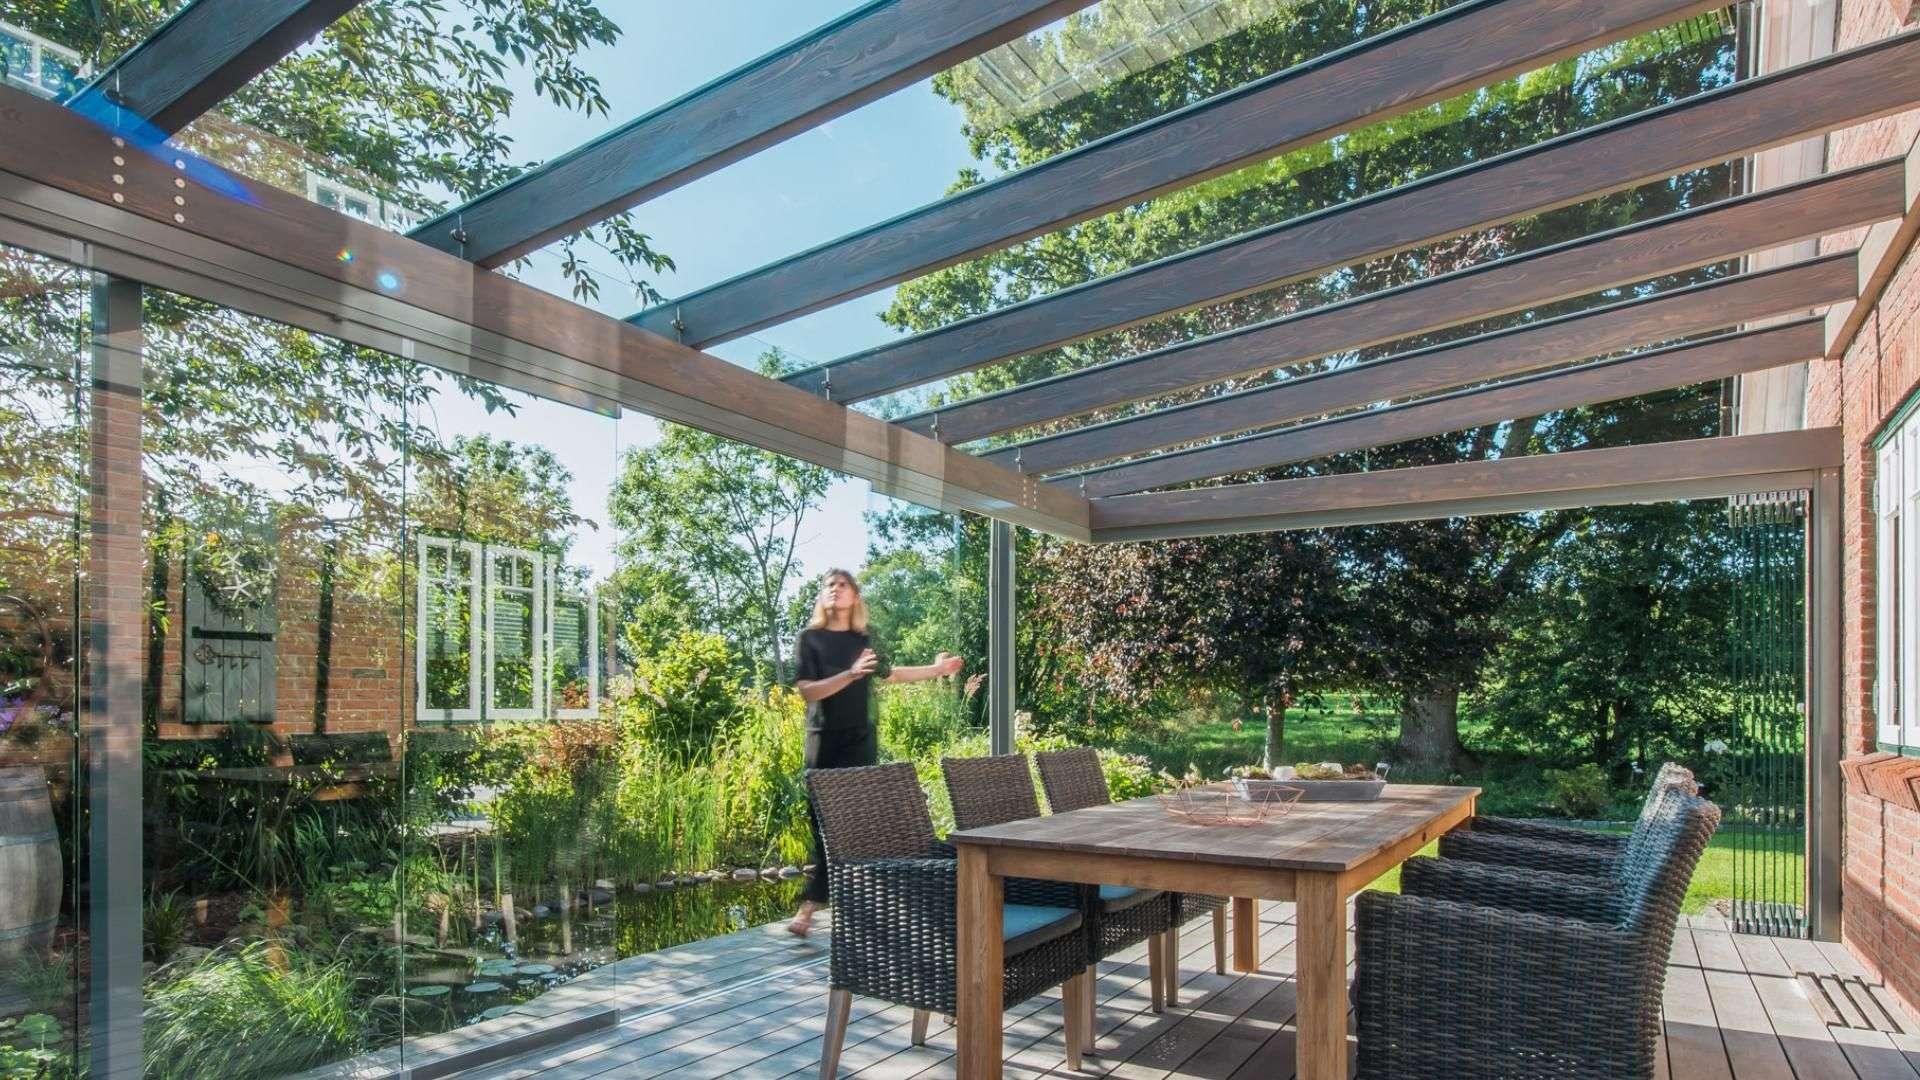 Innenansicht eines Solarlux Wintergartens SDL Aura mit Esstisch